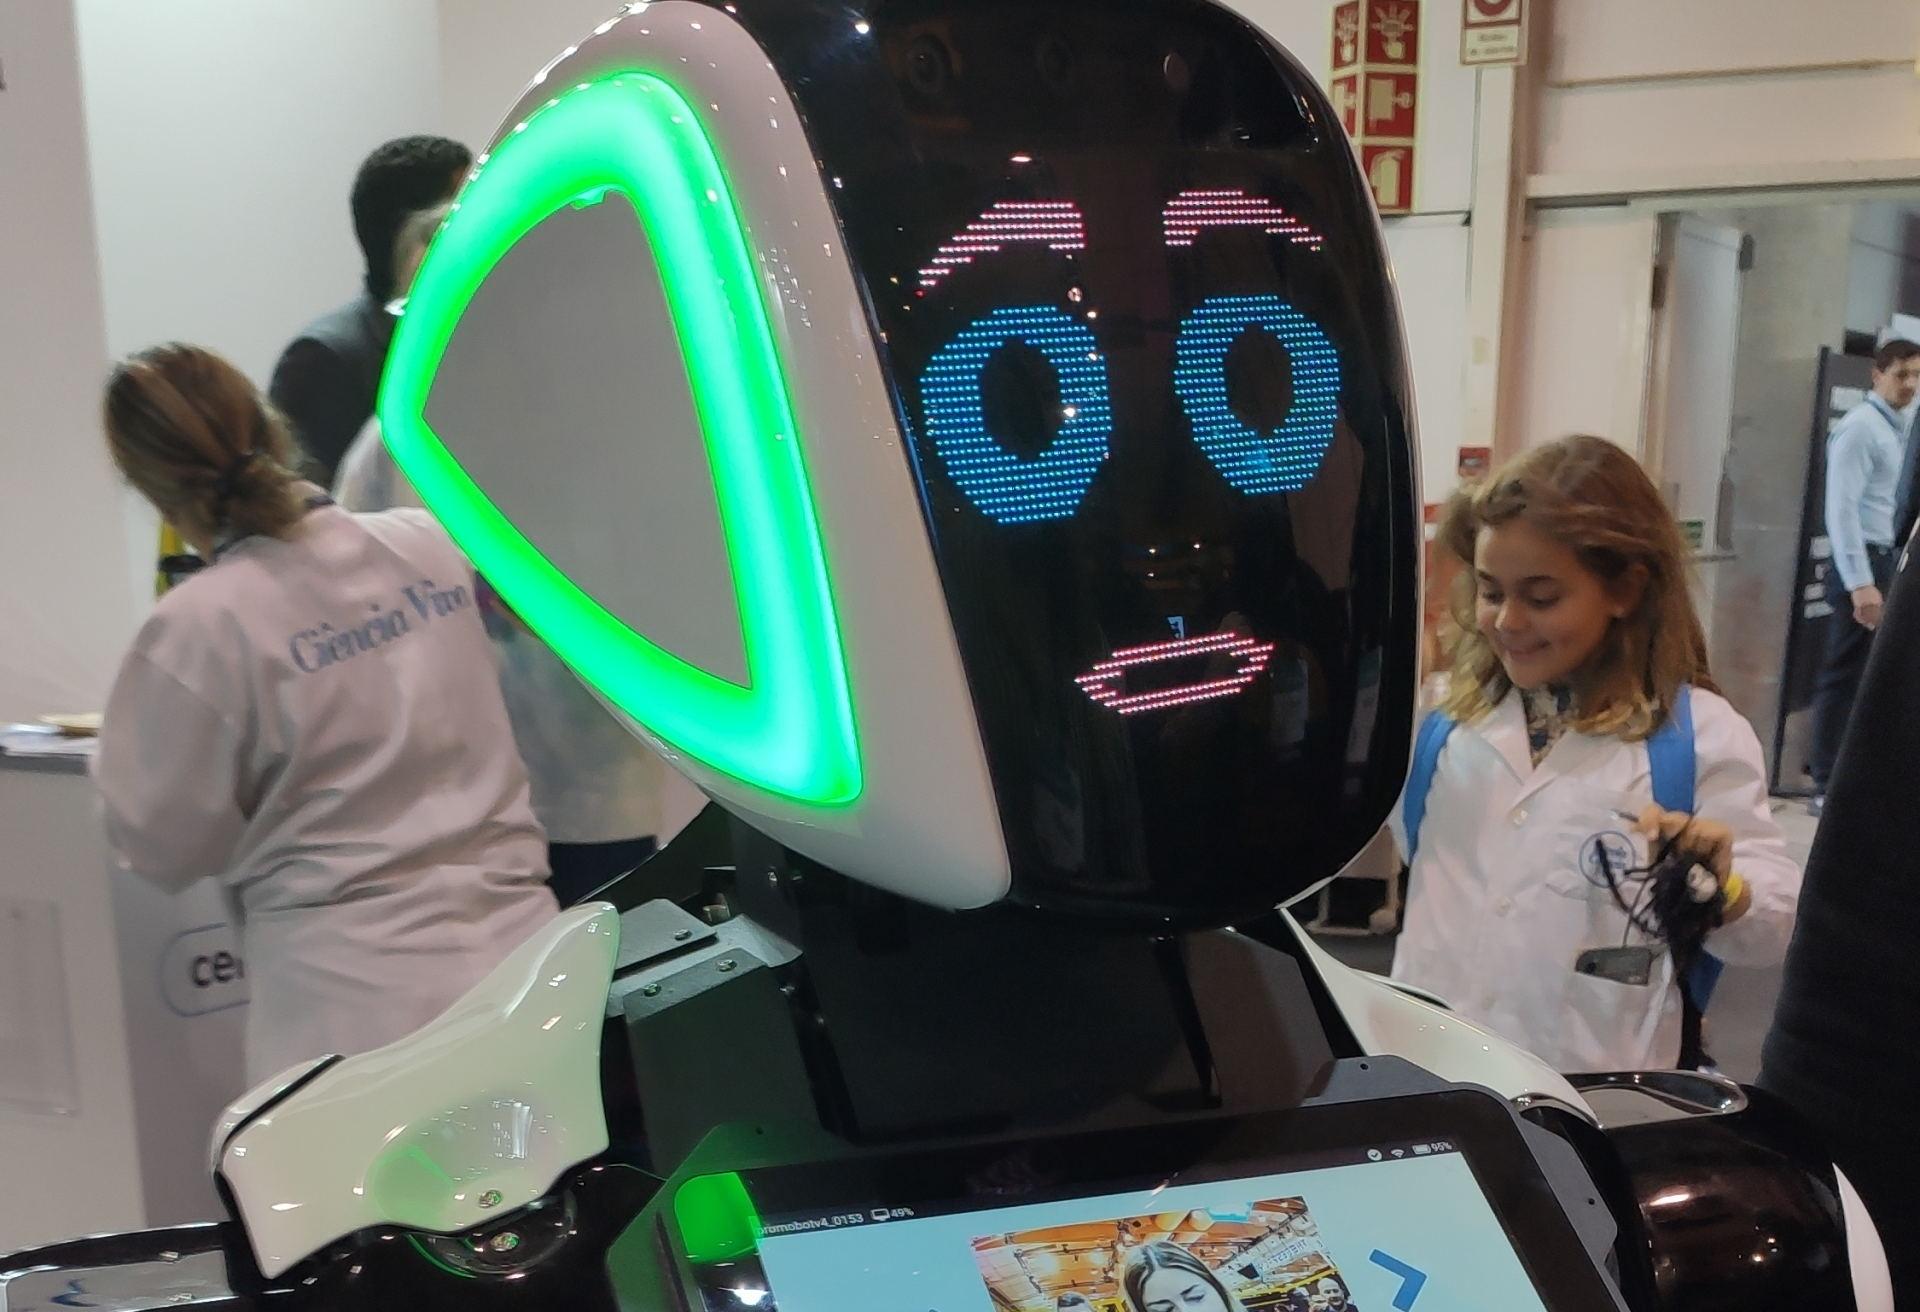 robotų dvejetainiai variantai pirkti